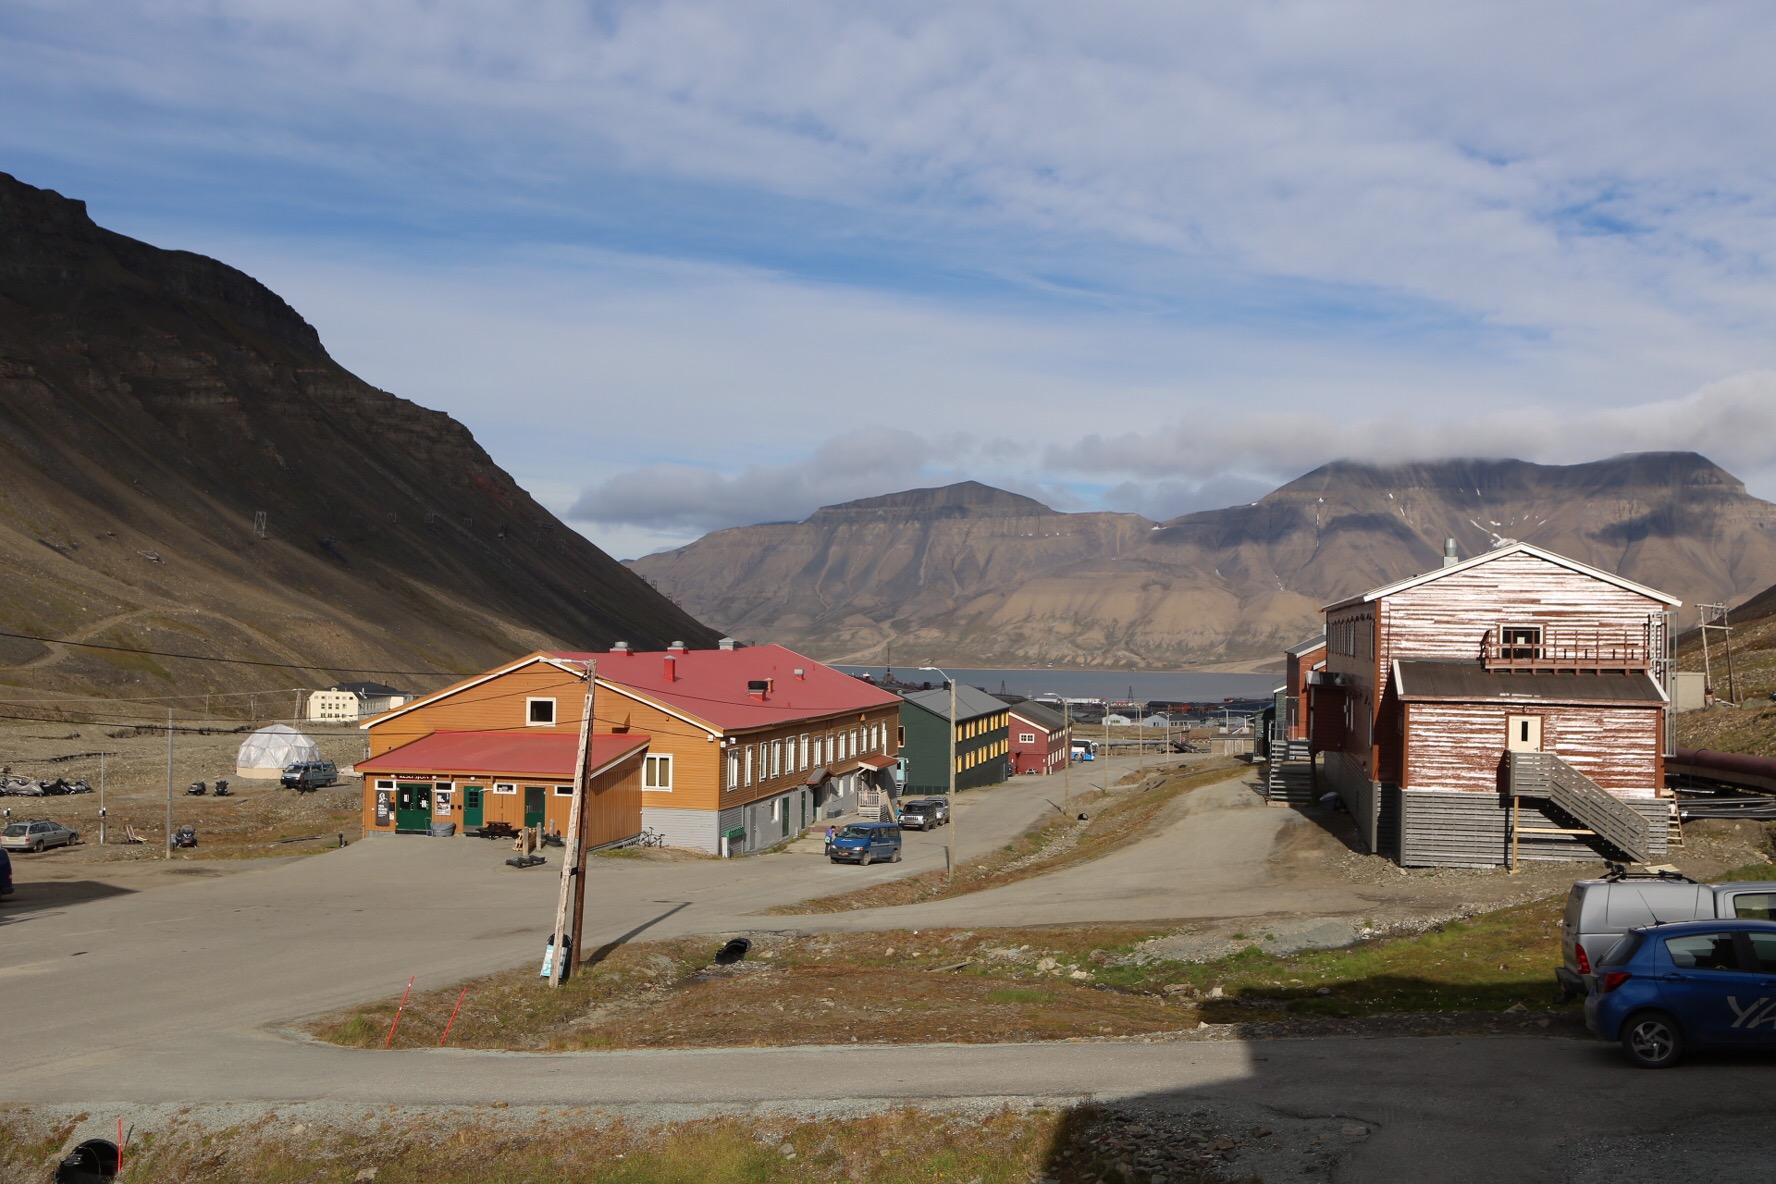 Första dag på Svalbard – barn, hundar, gevär och pizza